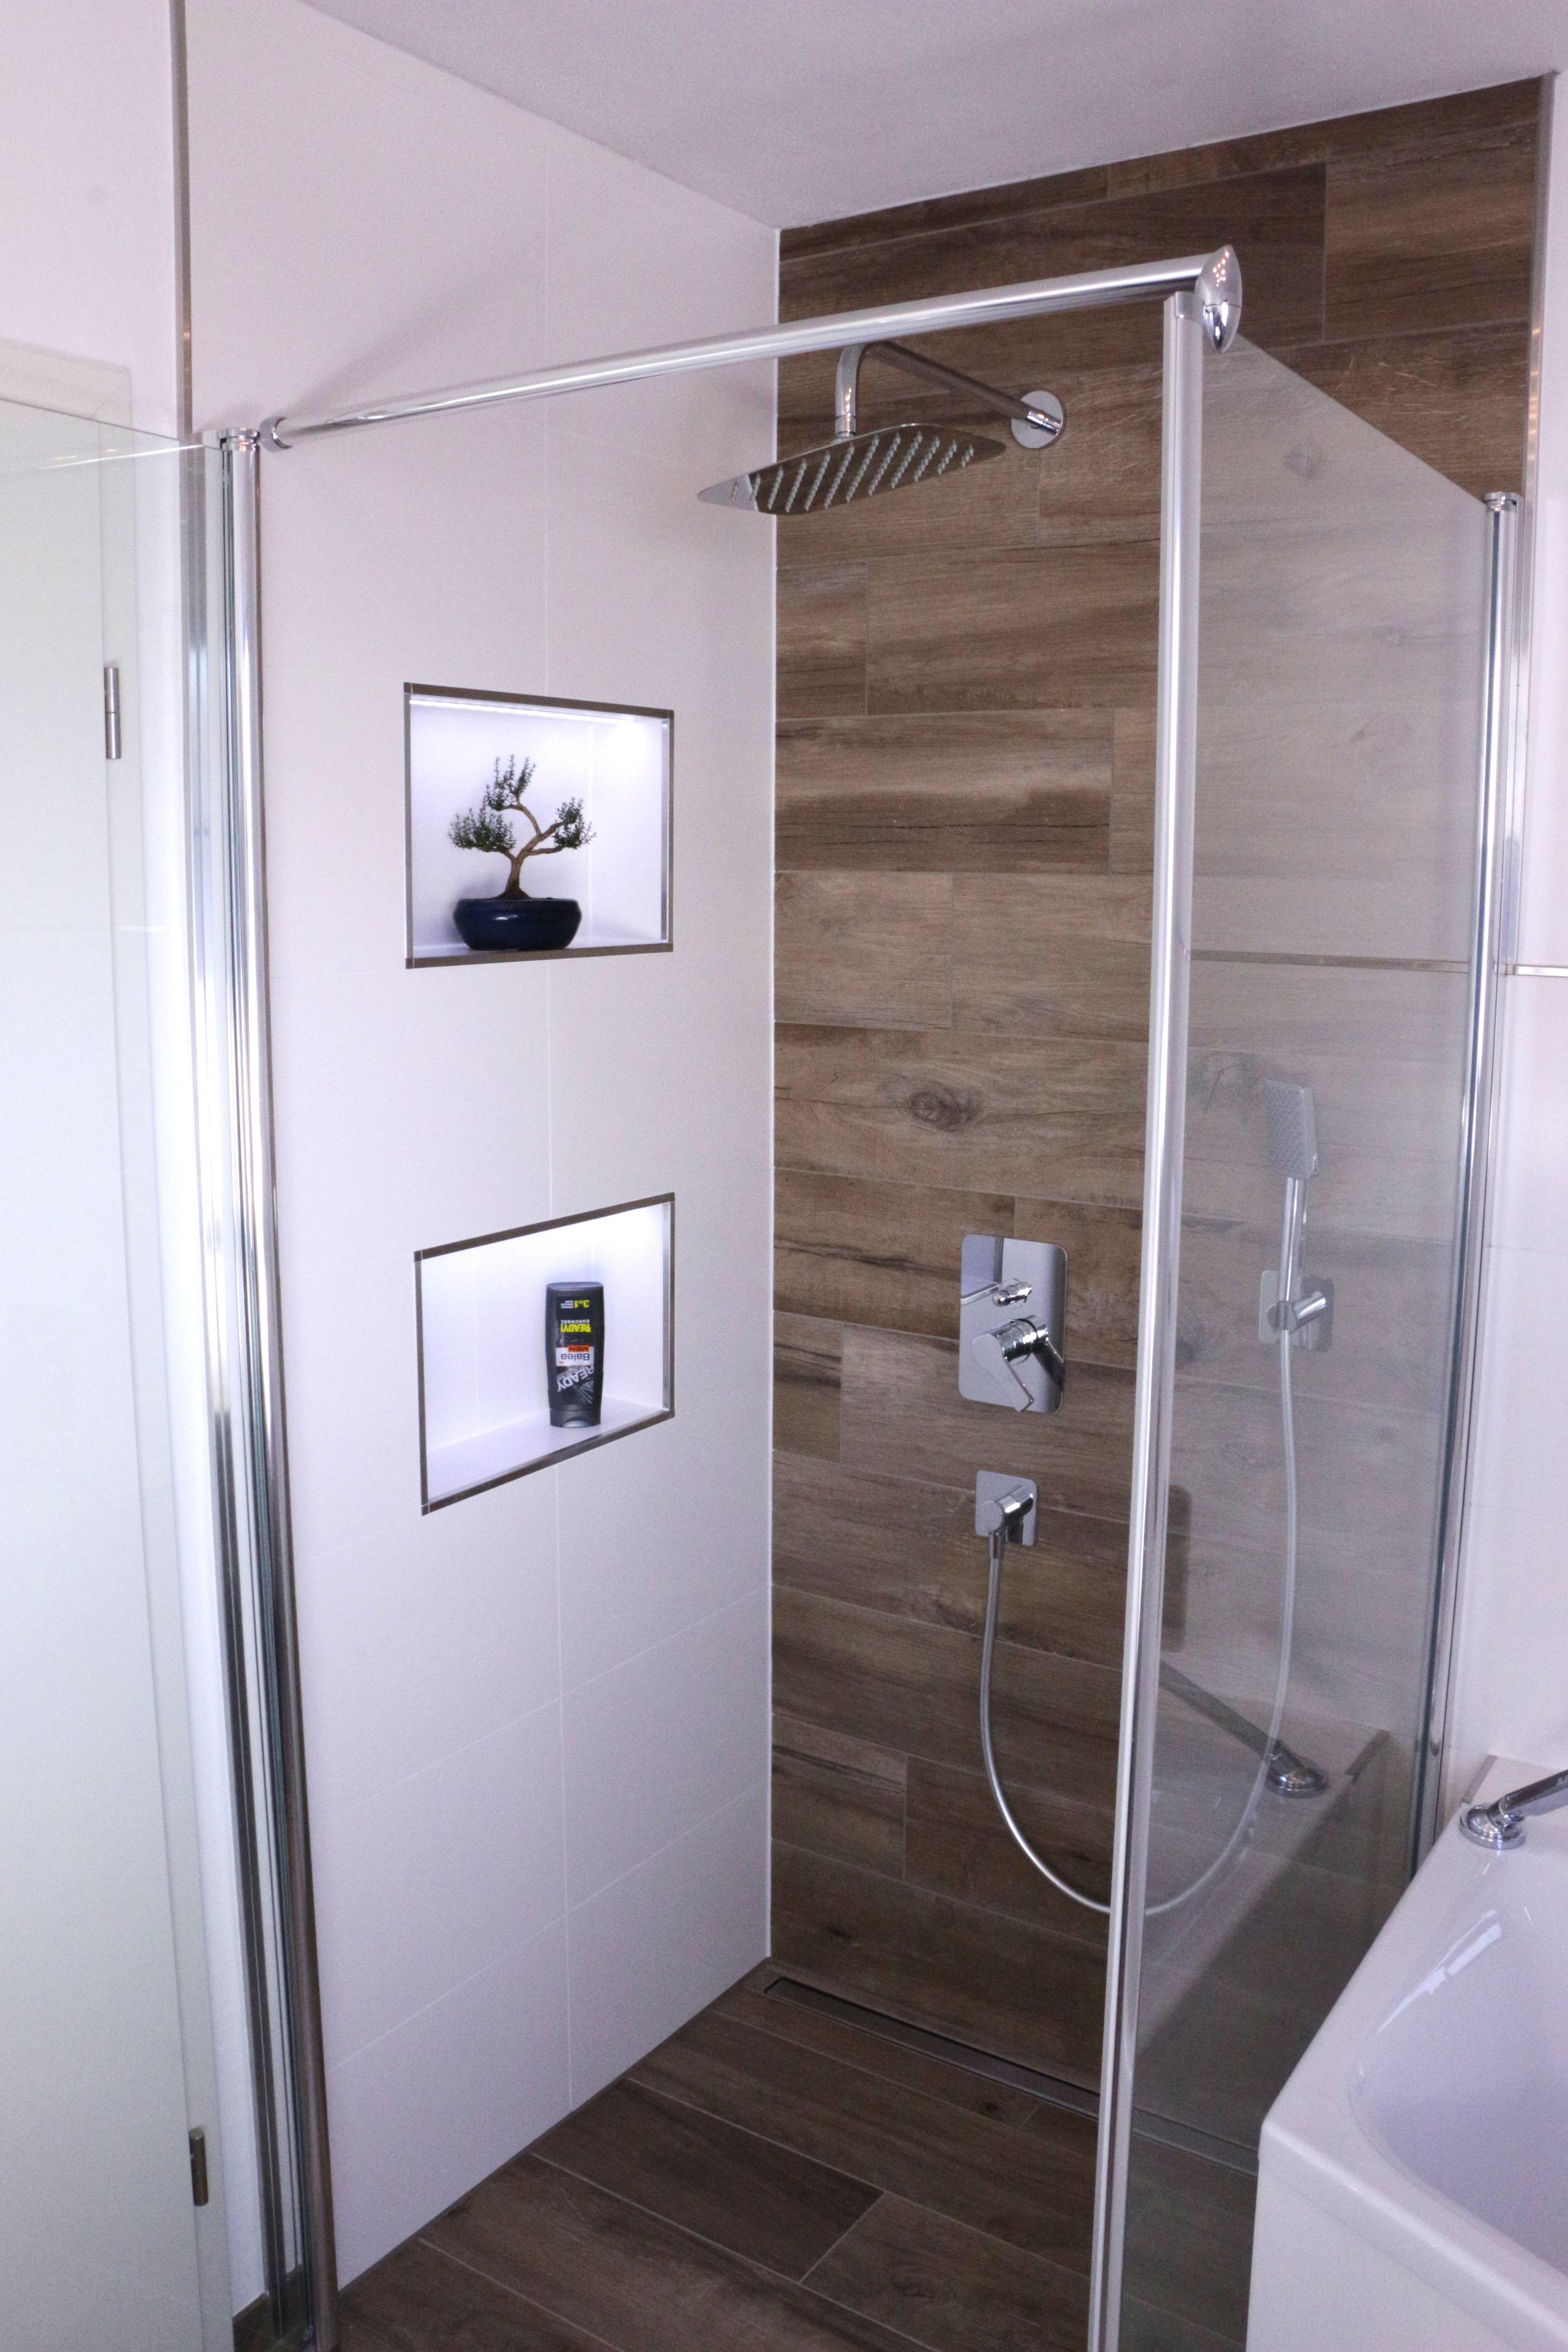 Wandnischen Im Badezimmer Badezimmer Regendusche Wandnischen